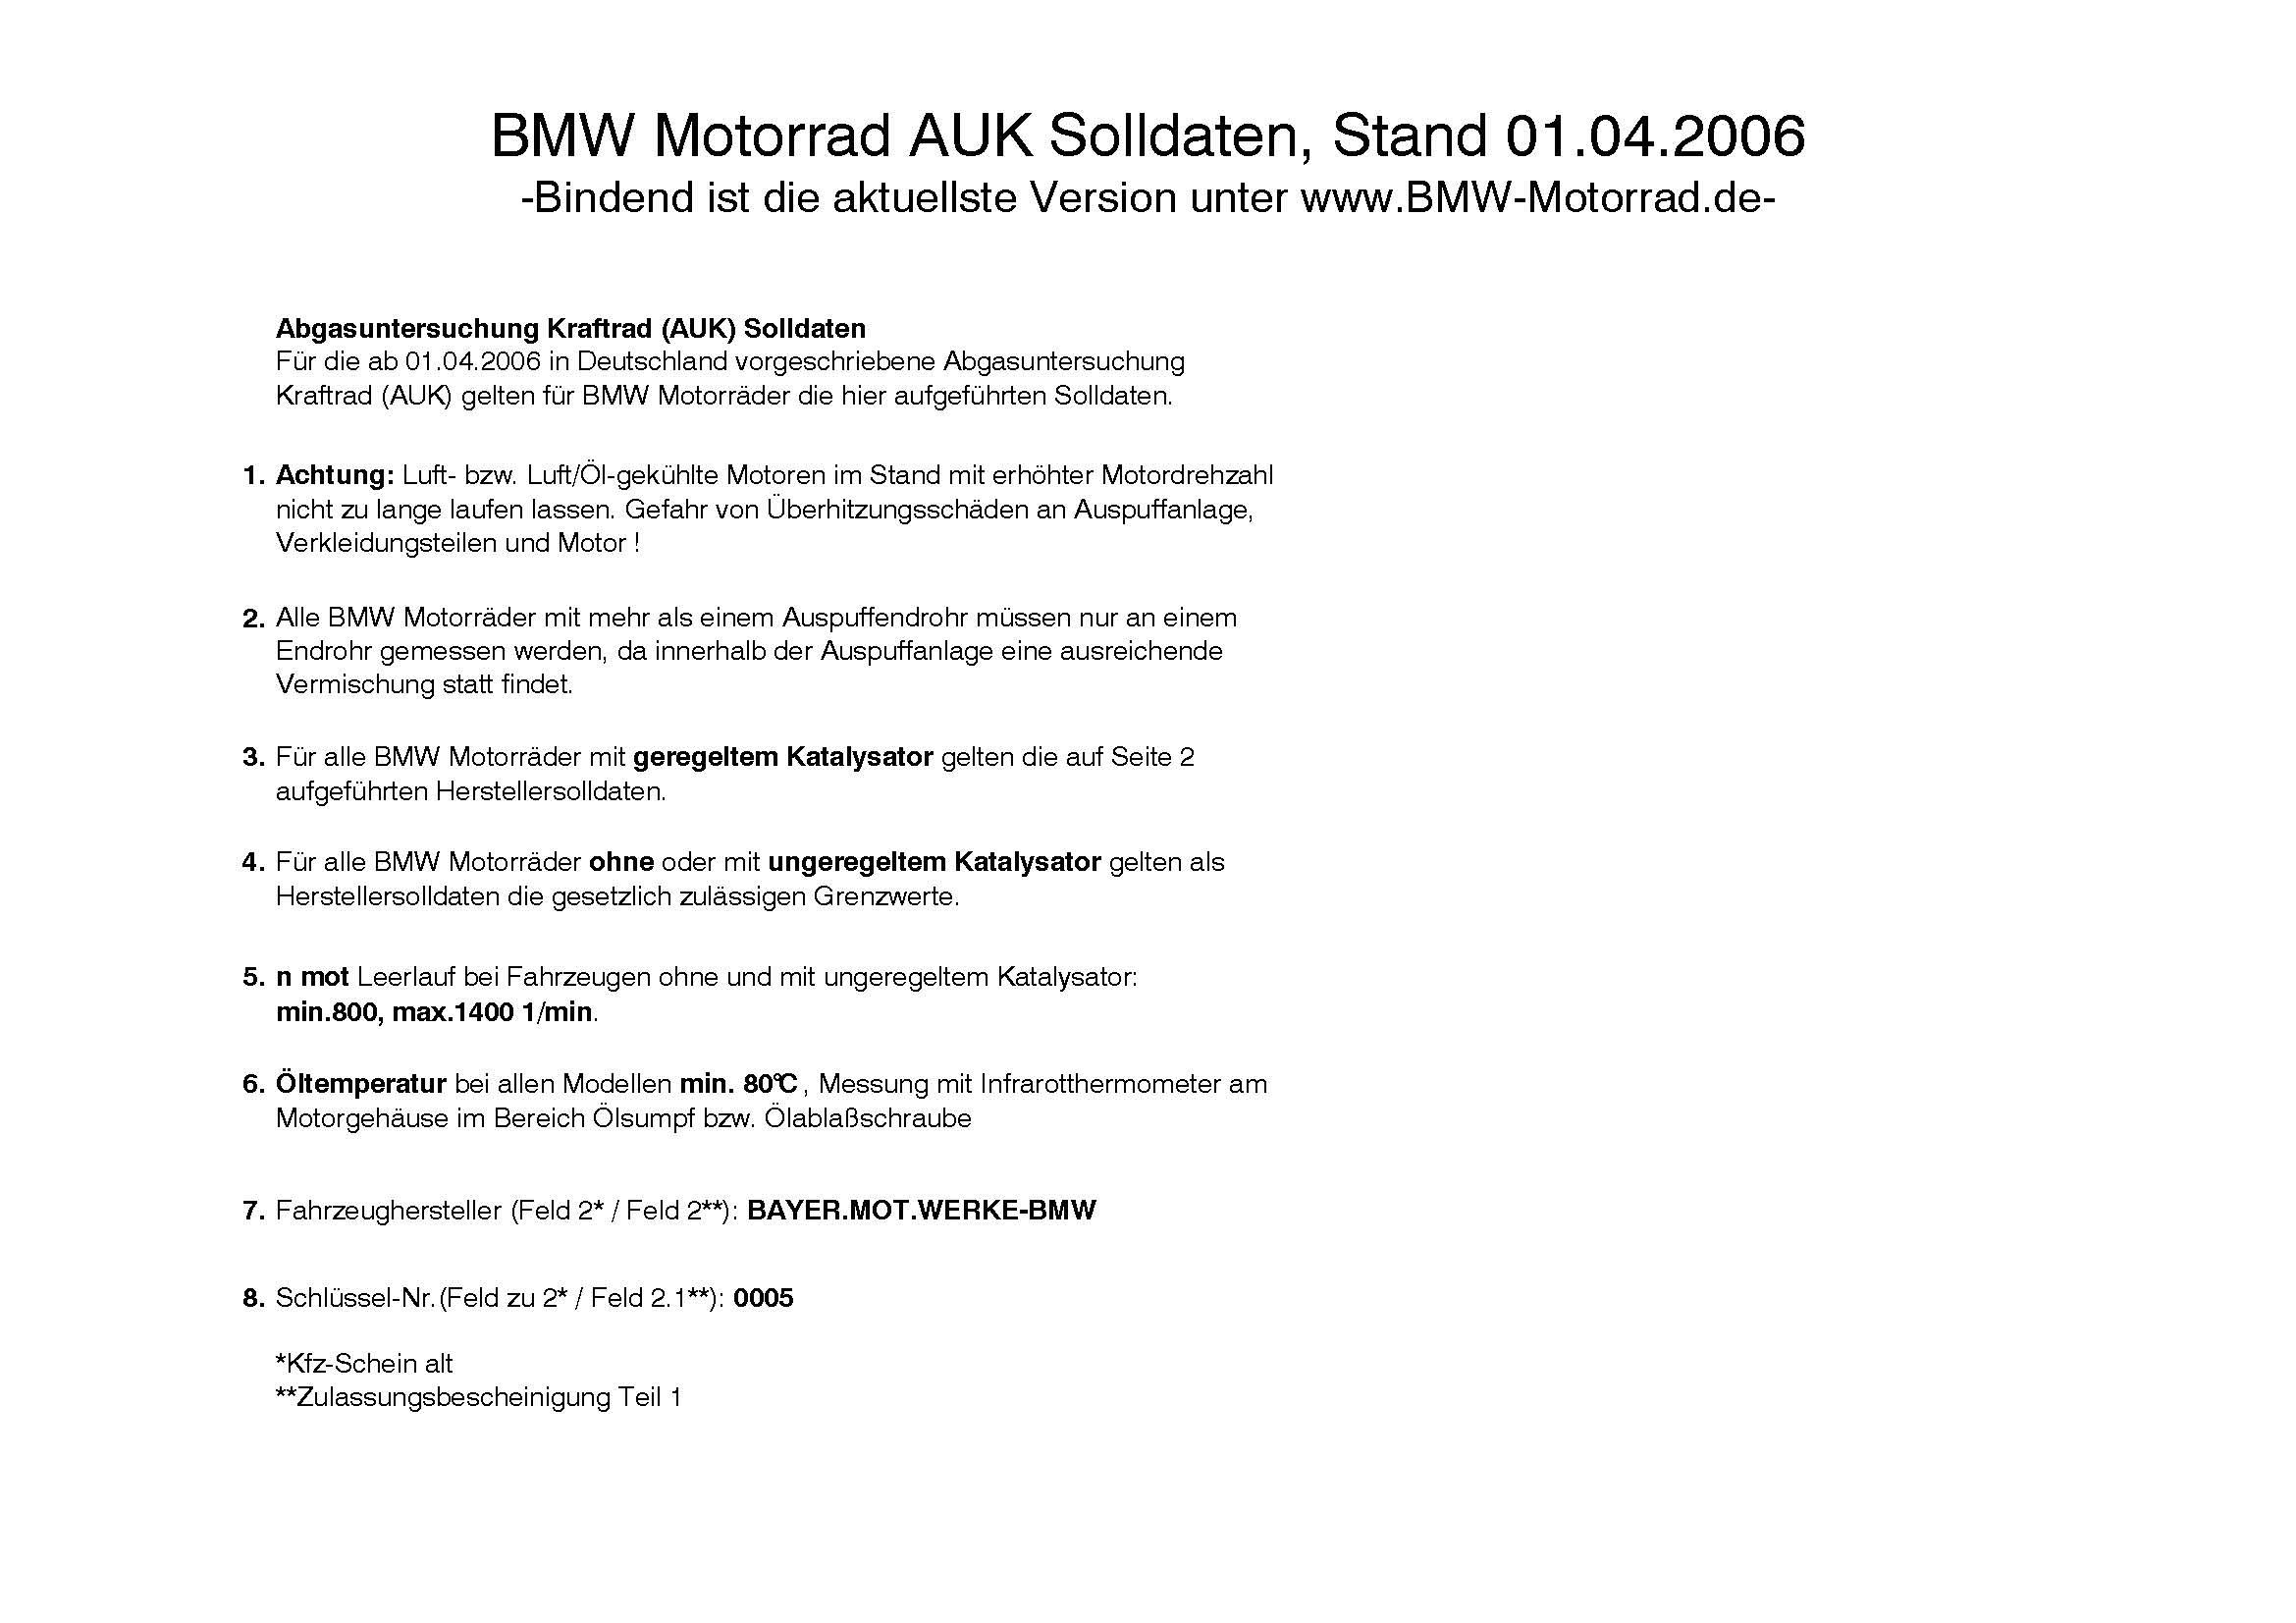 bmw-motorrad_auk_solldaten_seite_1.jpg